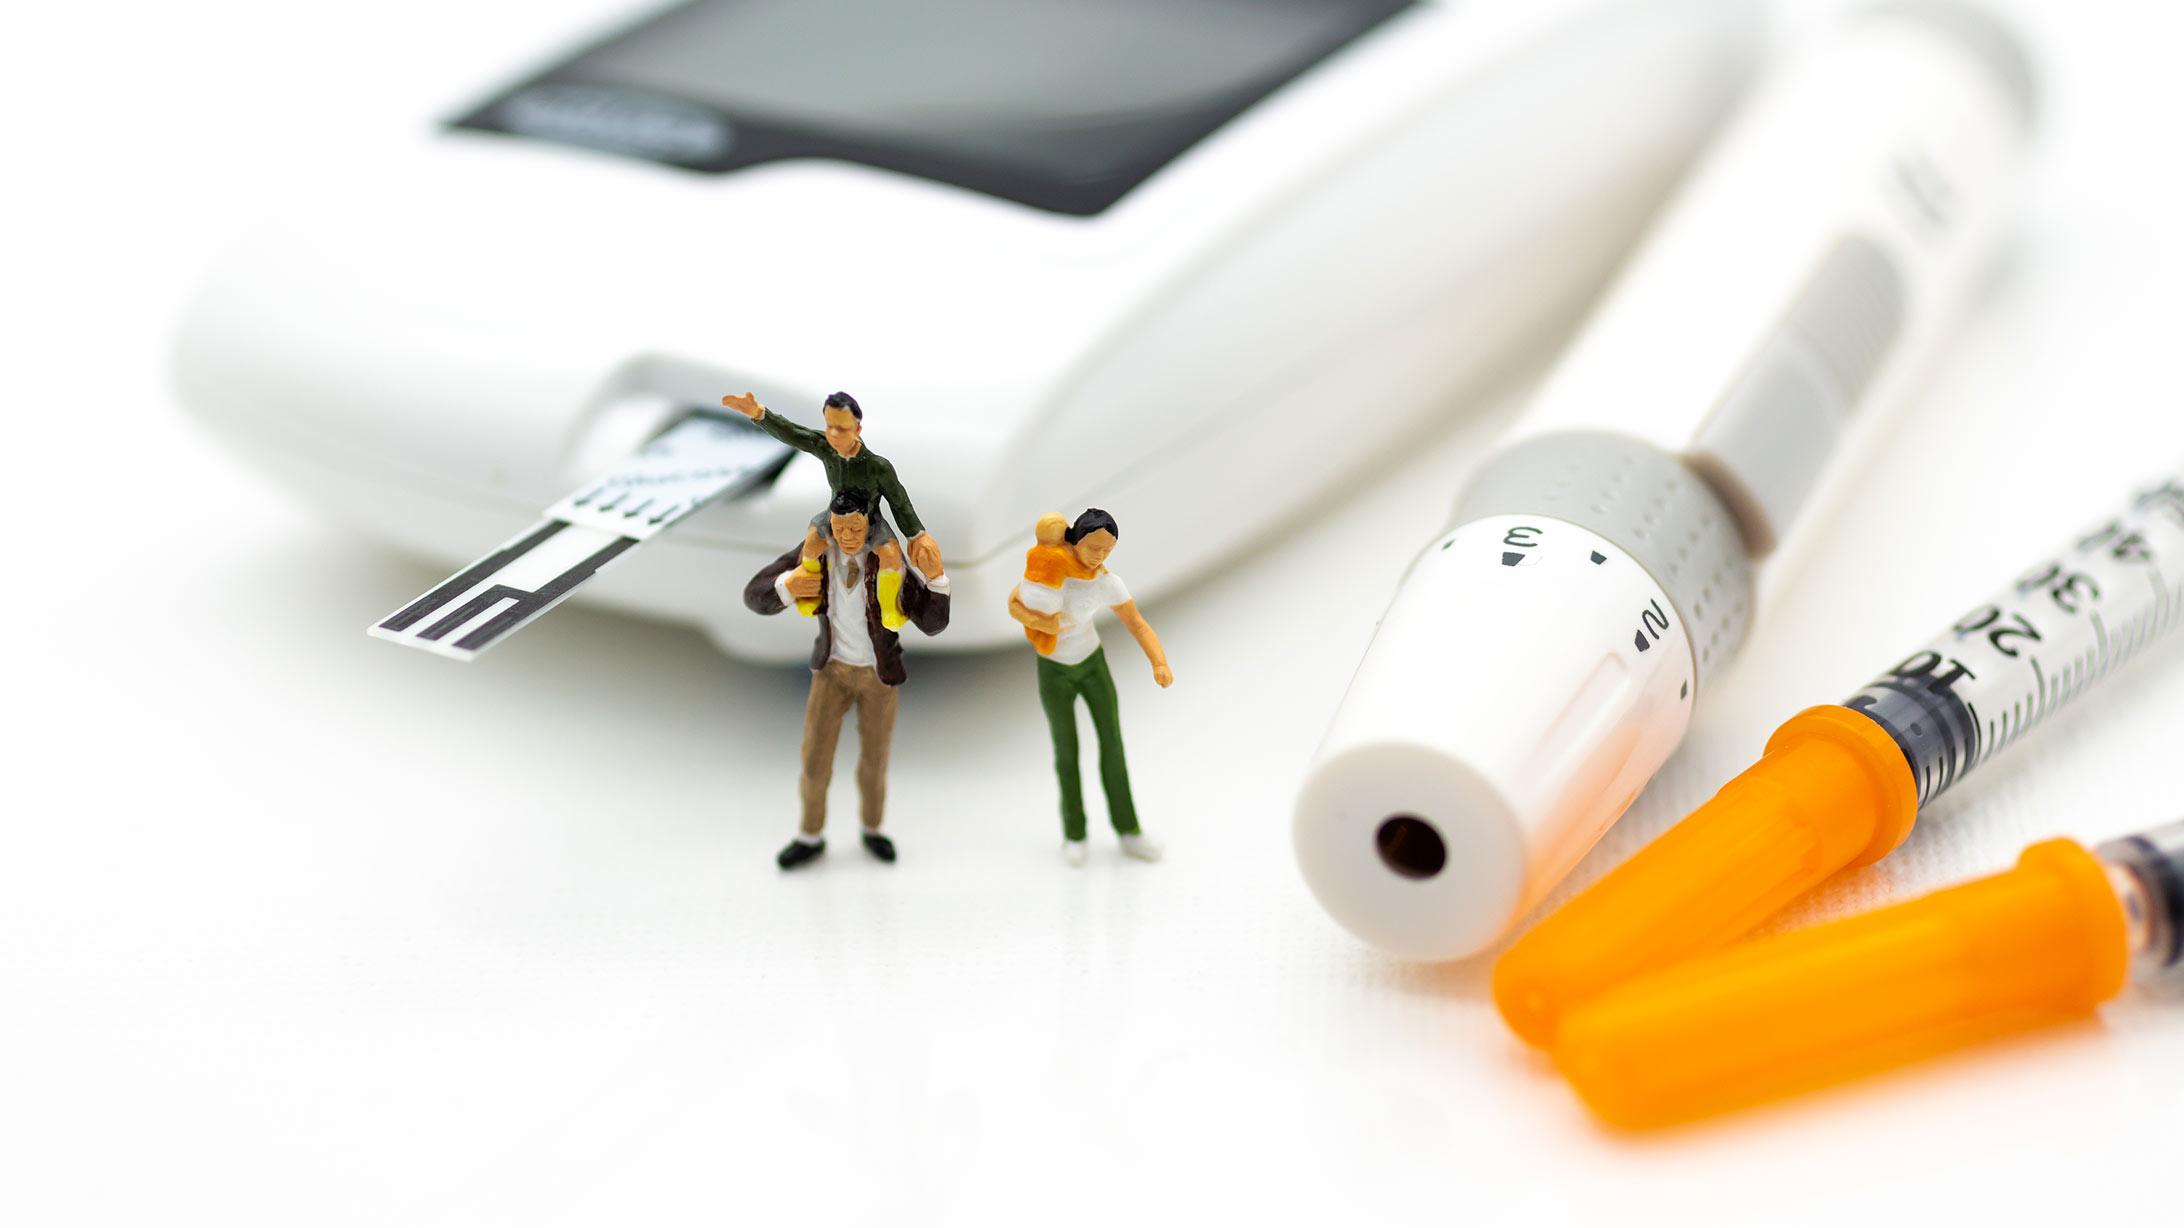 Diabetes Typ 1: Spielfiguren neben einer Insulinspritze